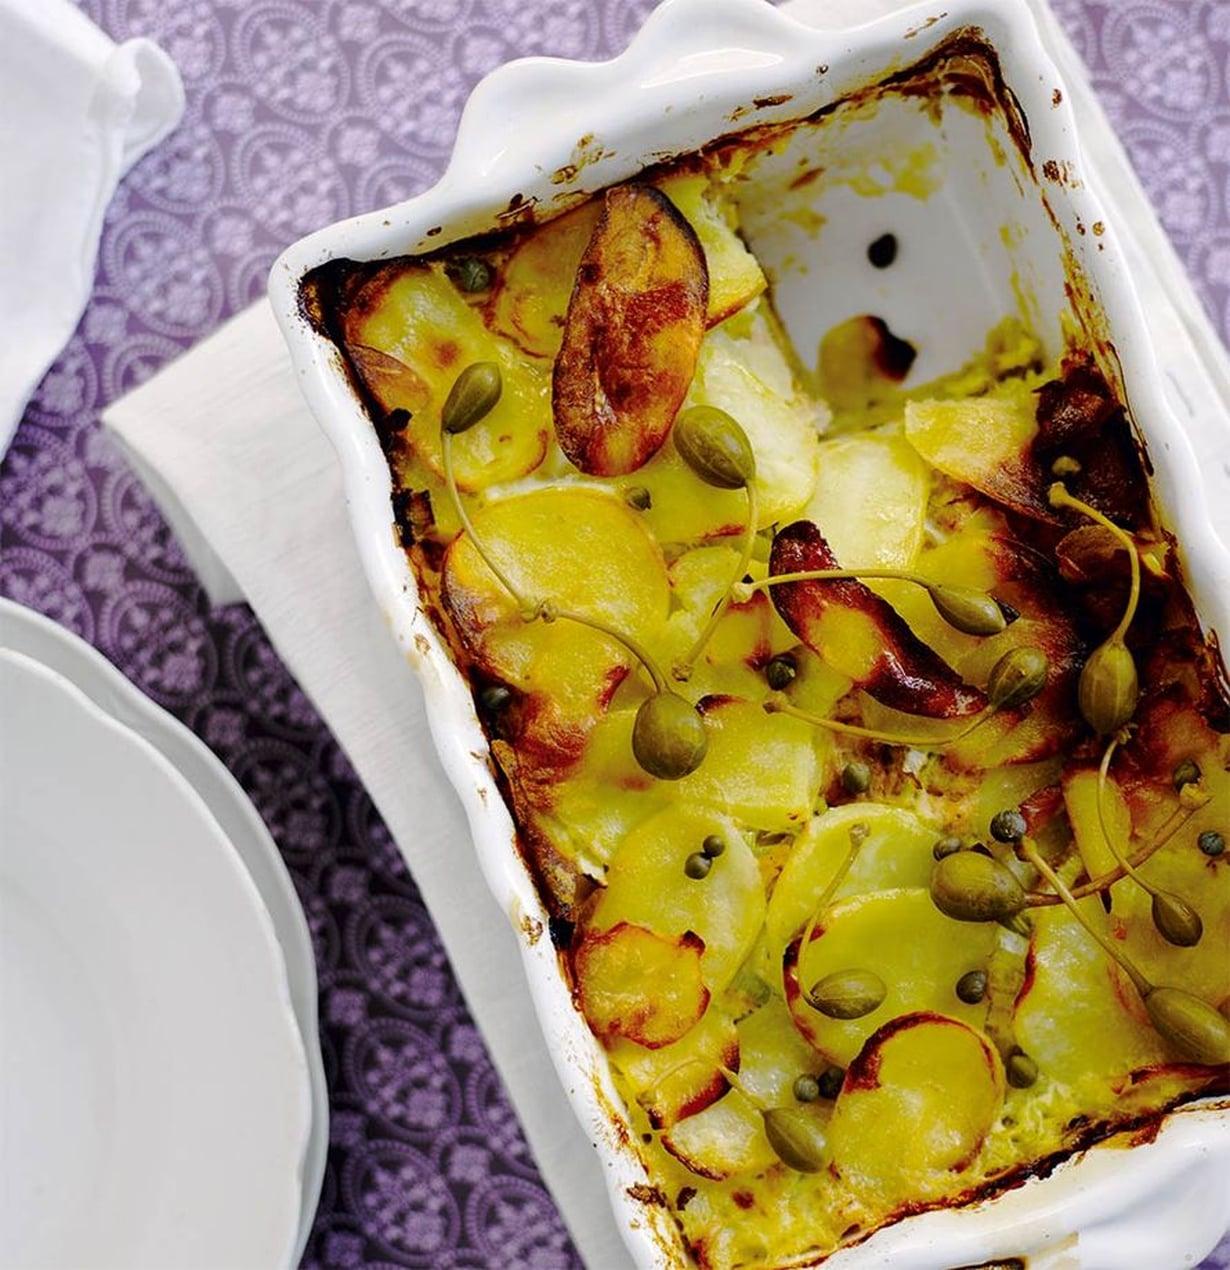 Nopea ja maukas, sellainen on perunan ja tonnikalan yhdistelmä.